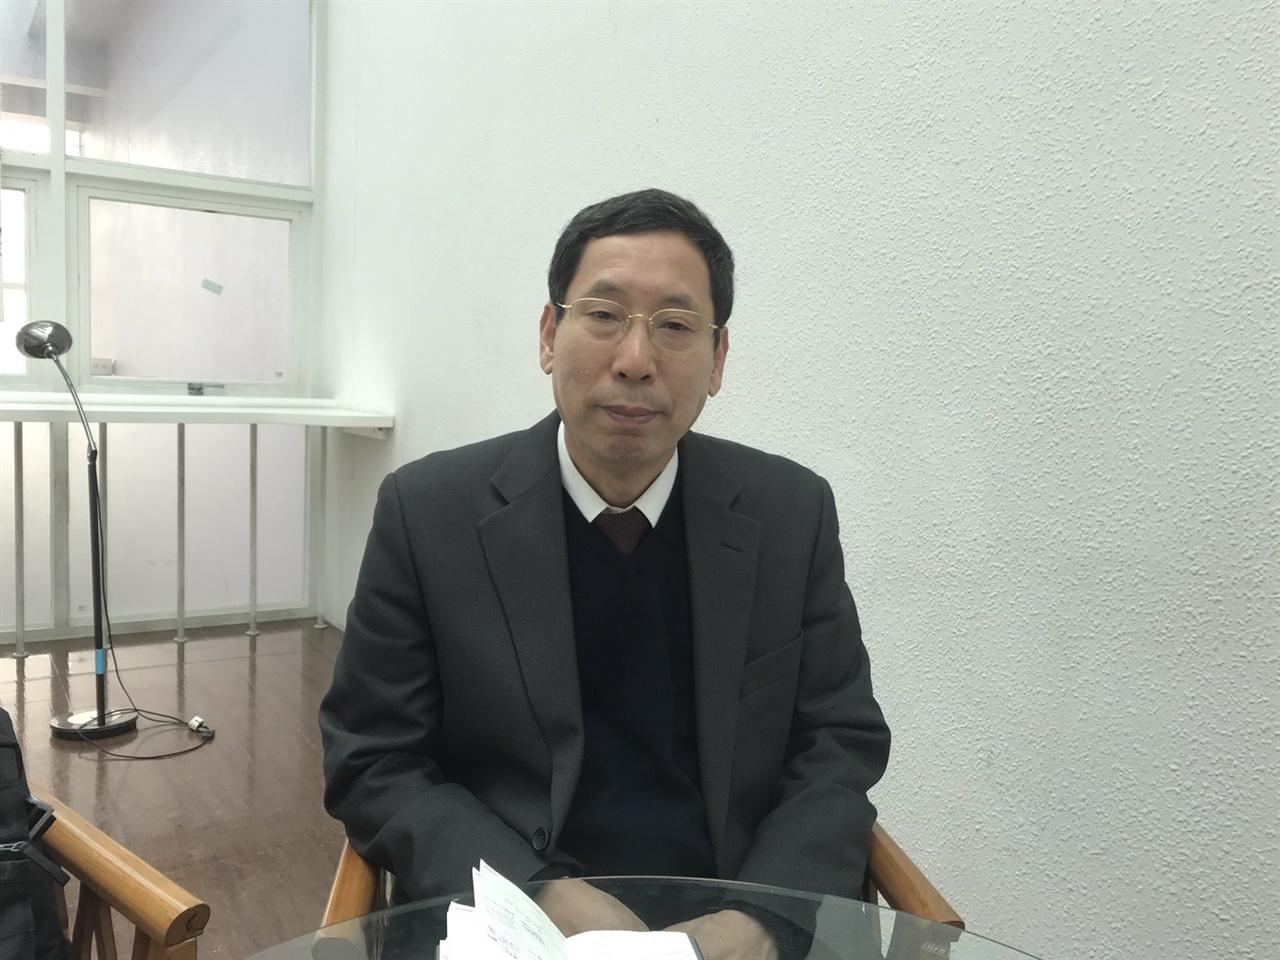 신국원 총신대학교 교수